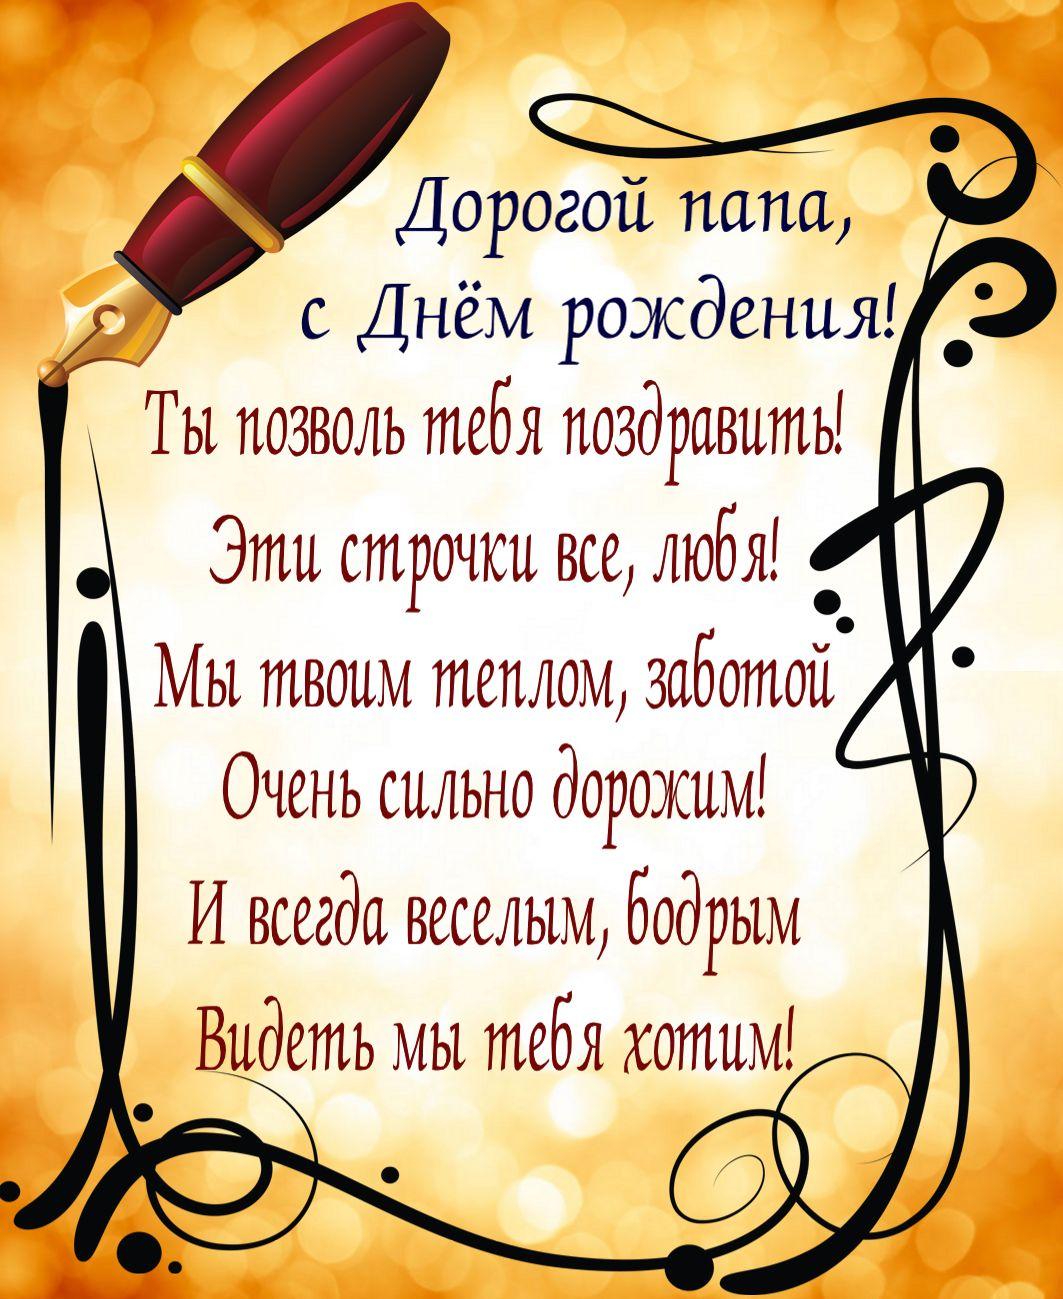 Поздравление папе на день рождение на украинском